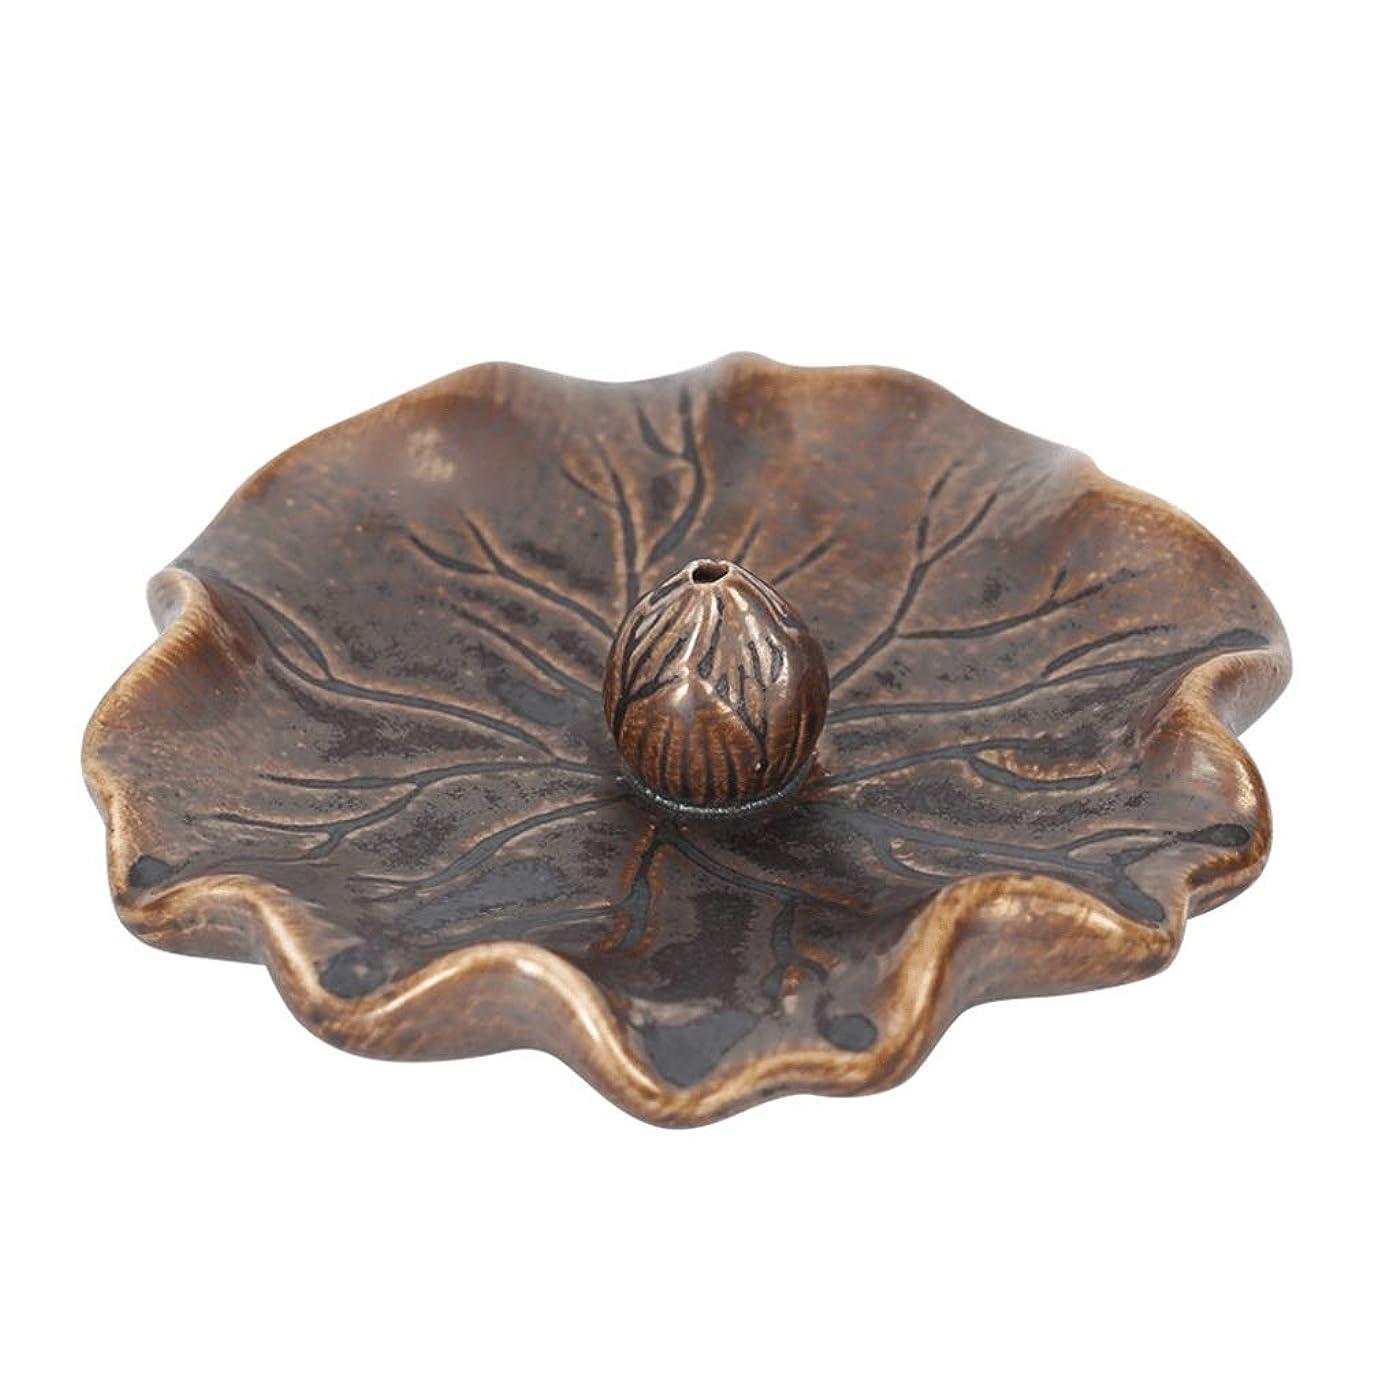 ショートカット違う硬化する蓮の葉セラミック香炉ライン香バーナーホーム寒天ベース屋内香ホルダーホルダーまっすぐな香香スティック (Color : Brass, サイズ : 4.52*1.18inchs)